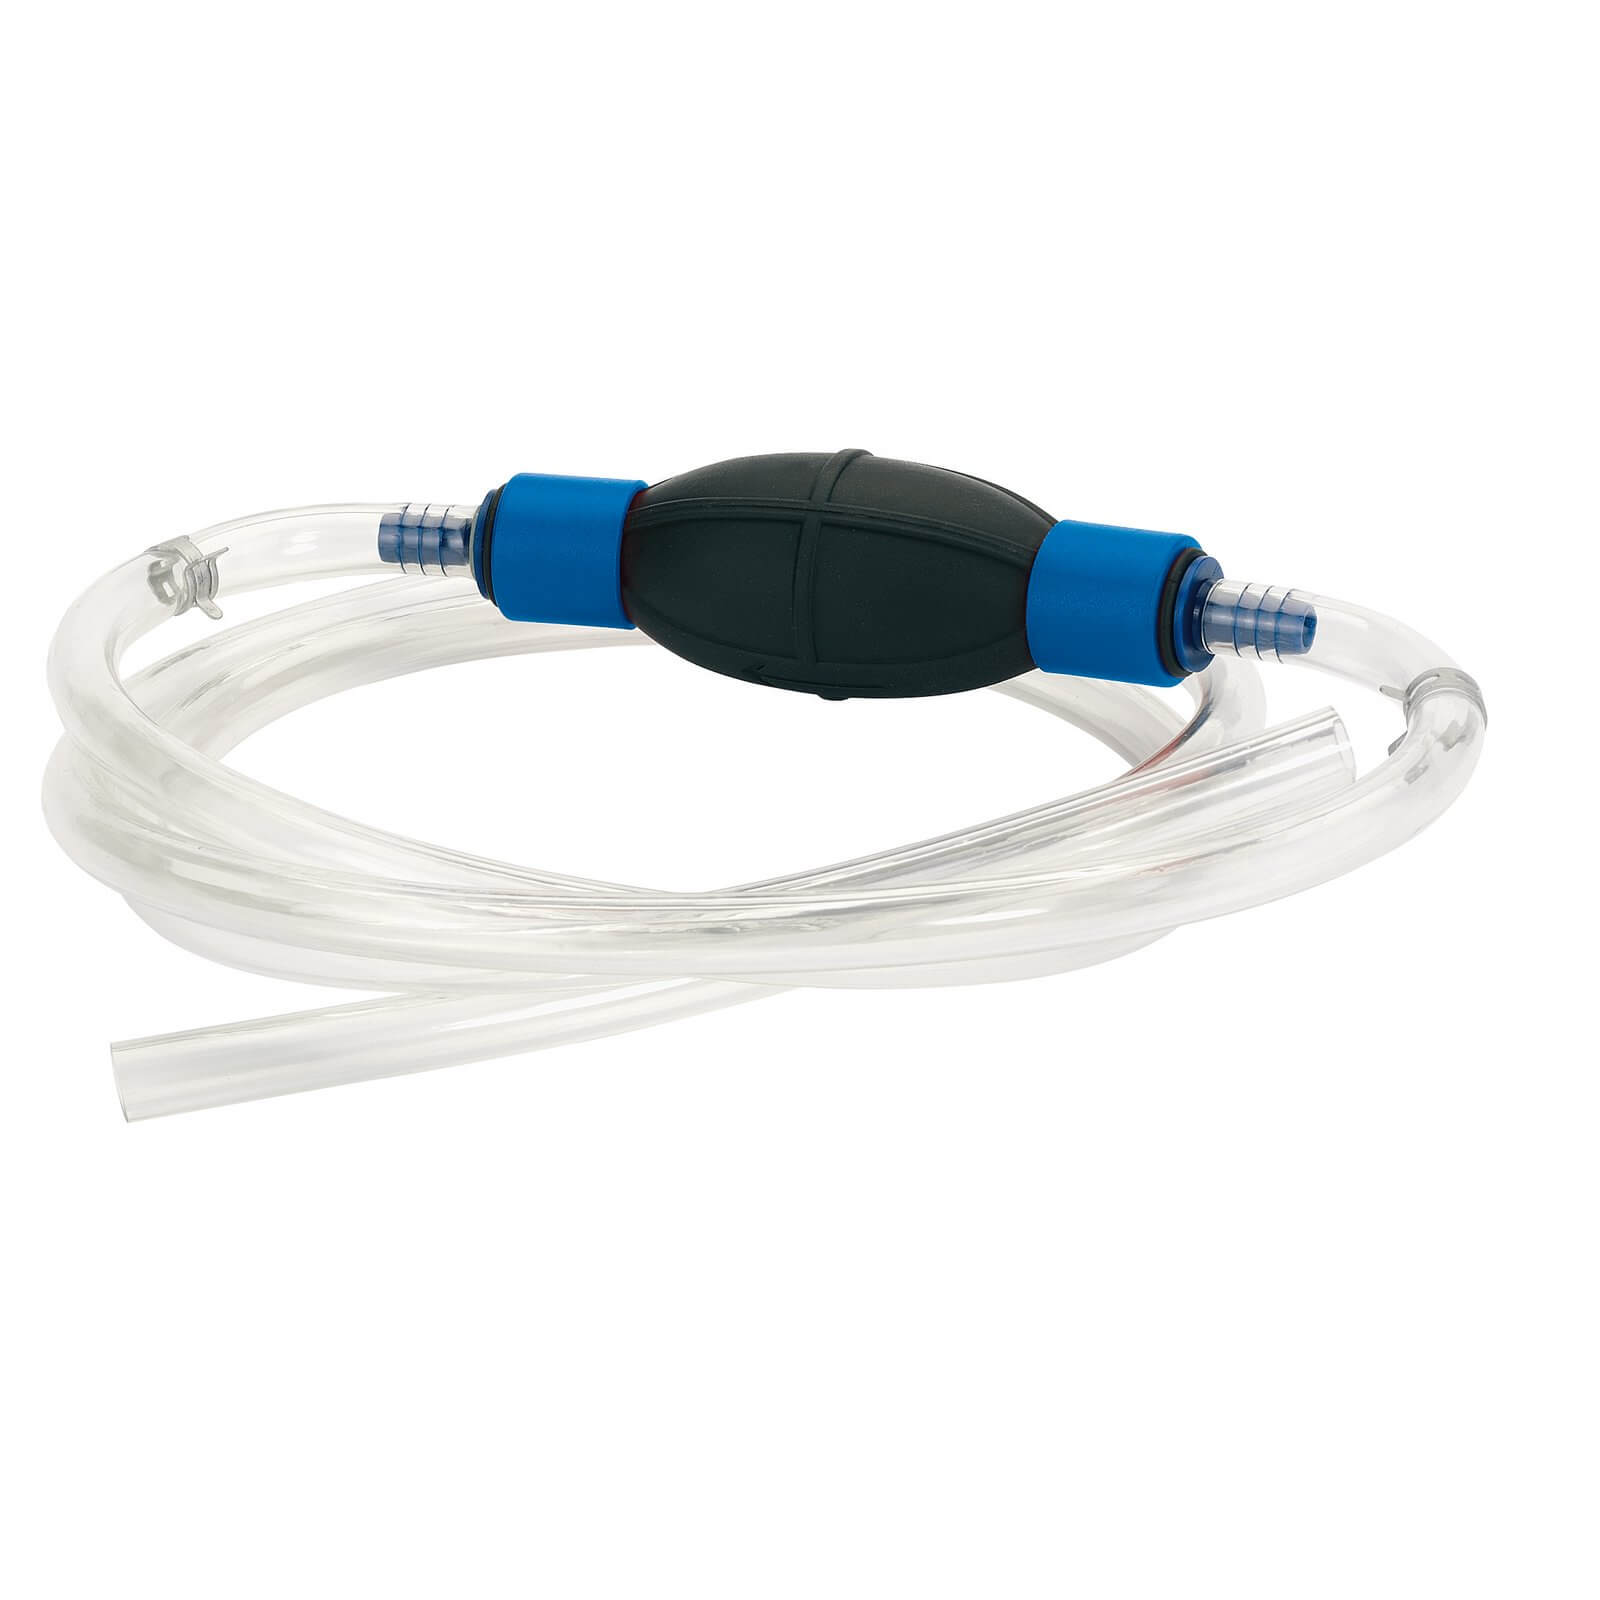 Draper SP4 Hand Fuel Syphon Pump